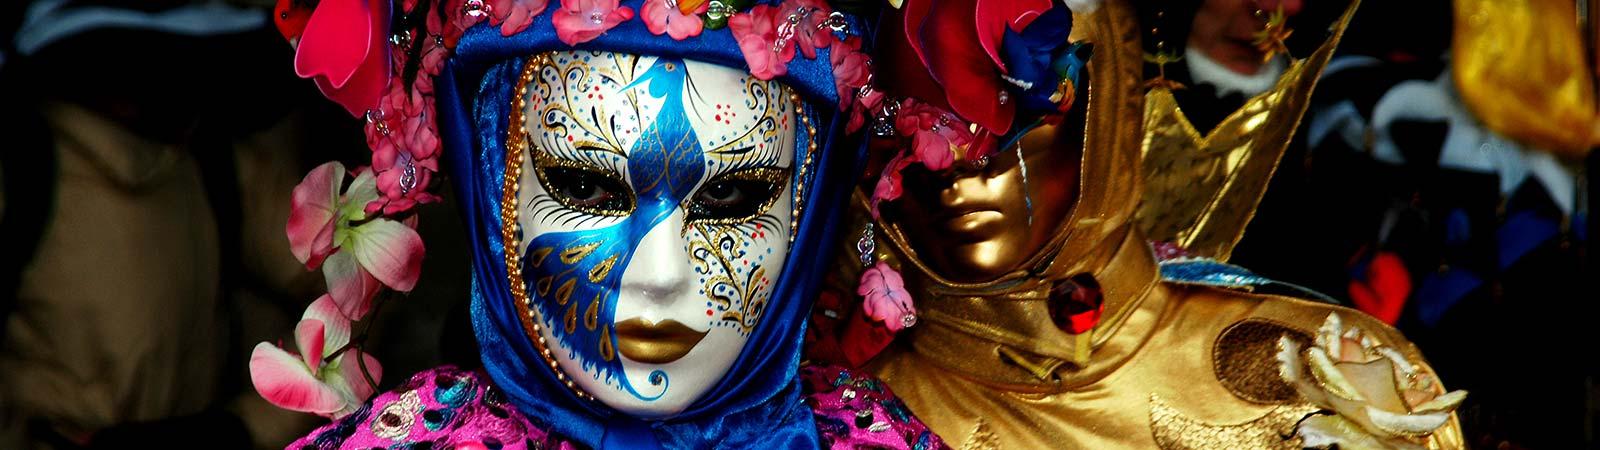 carnival_of_venice_01.jpg